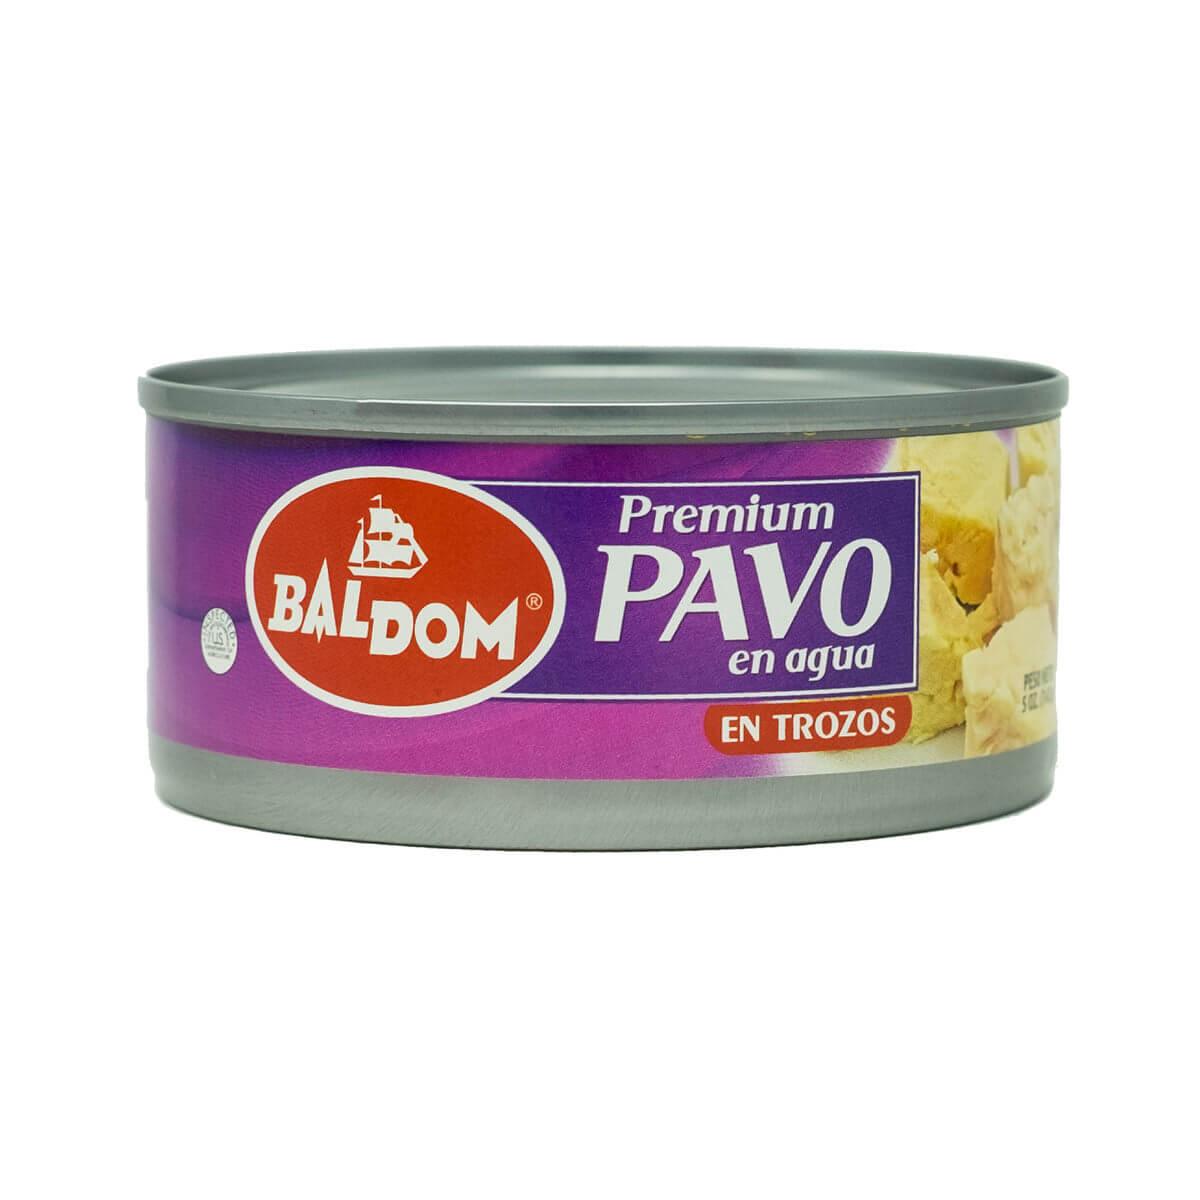 Premium Pavo en Trozos